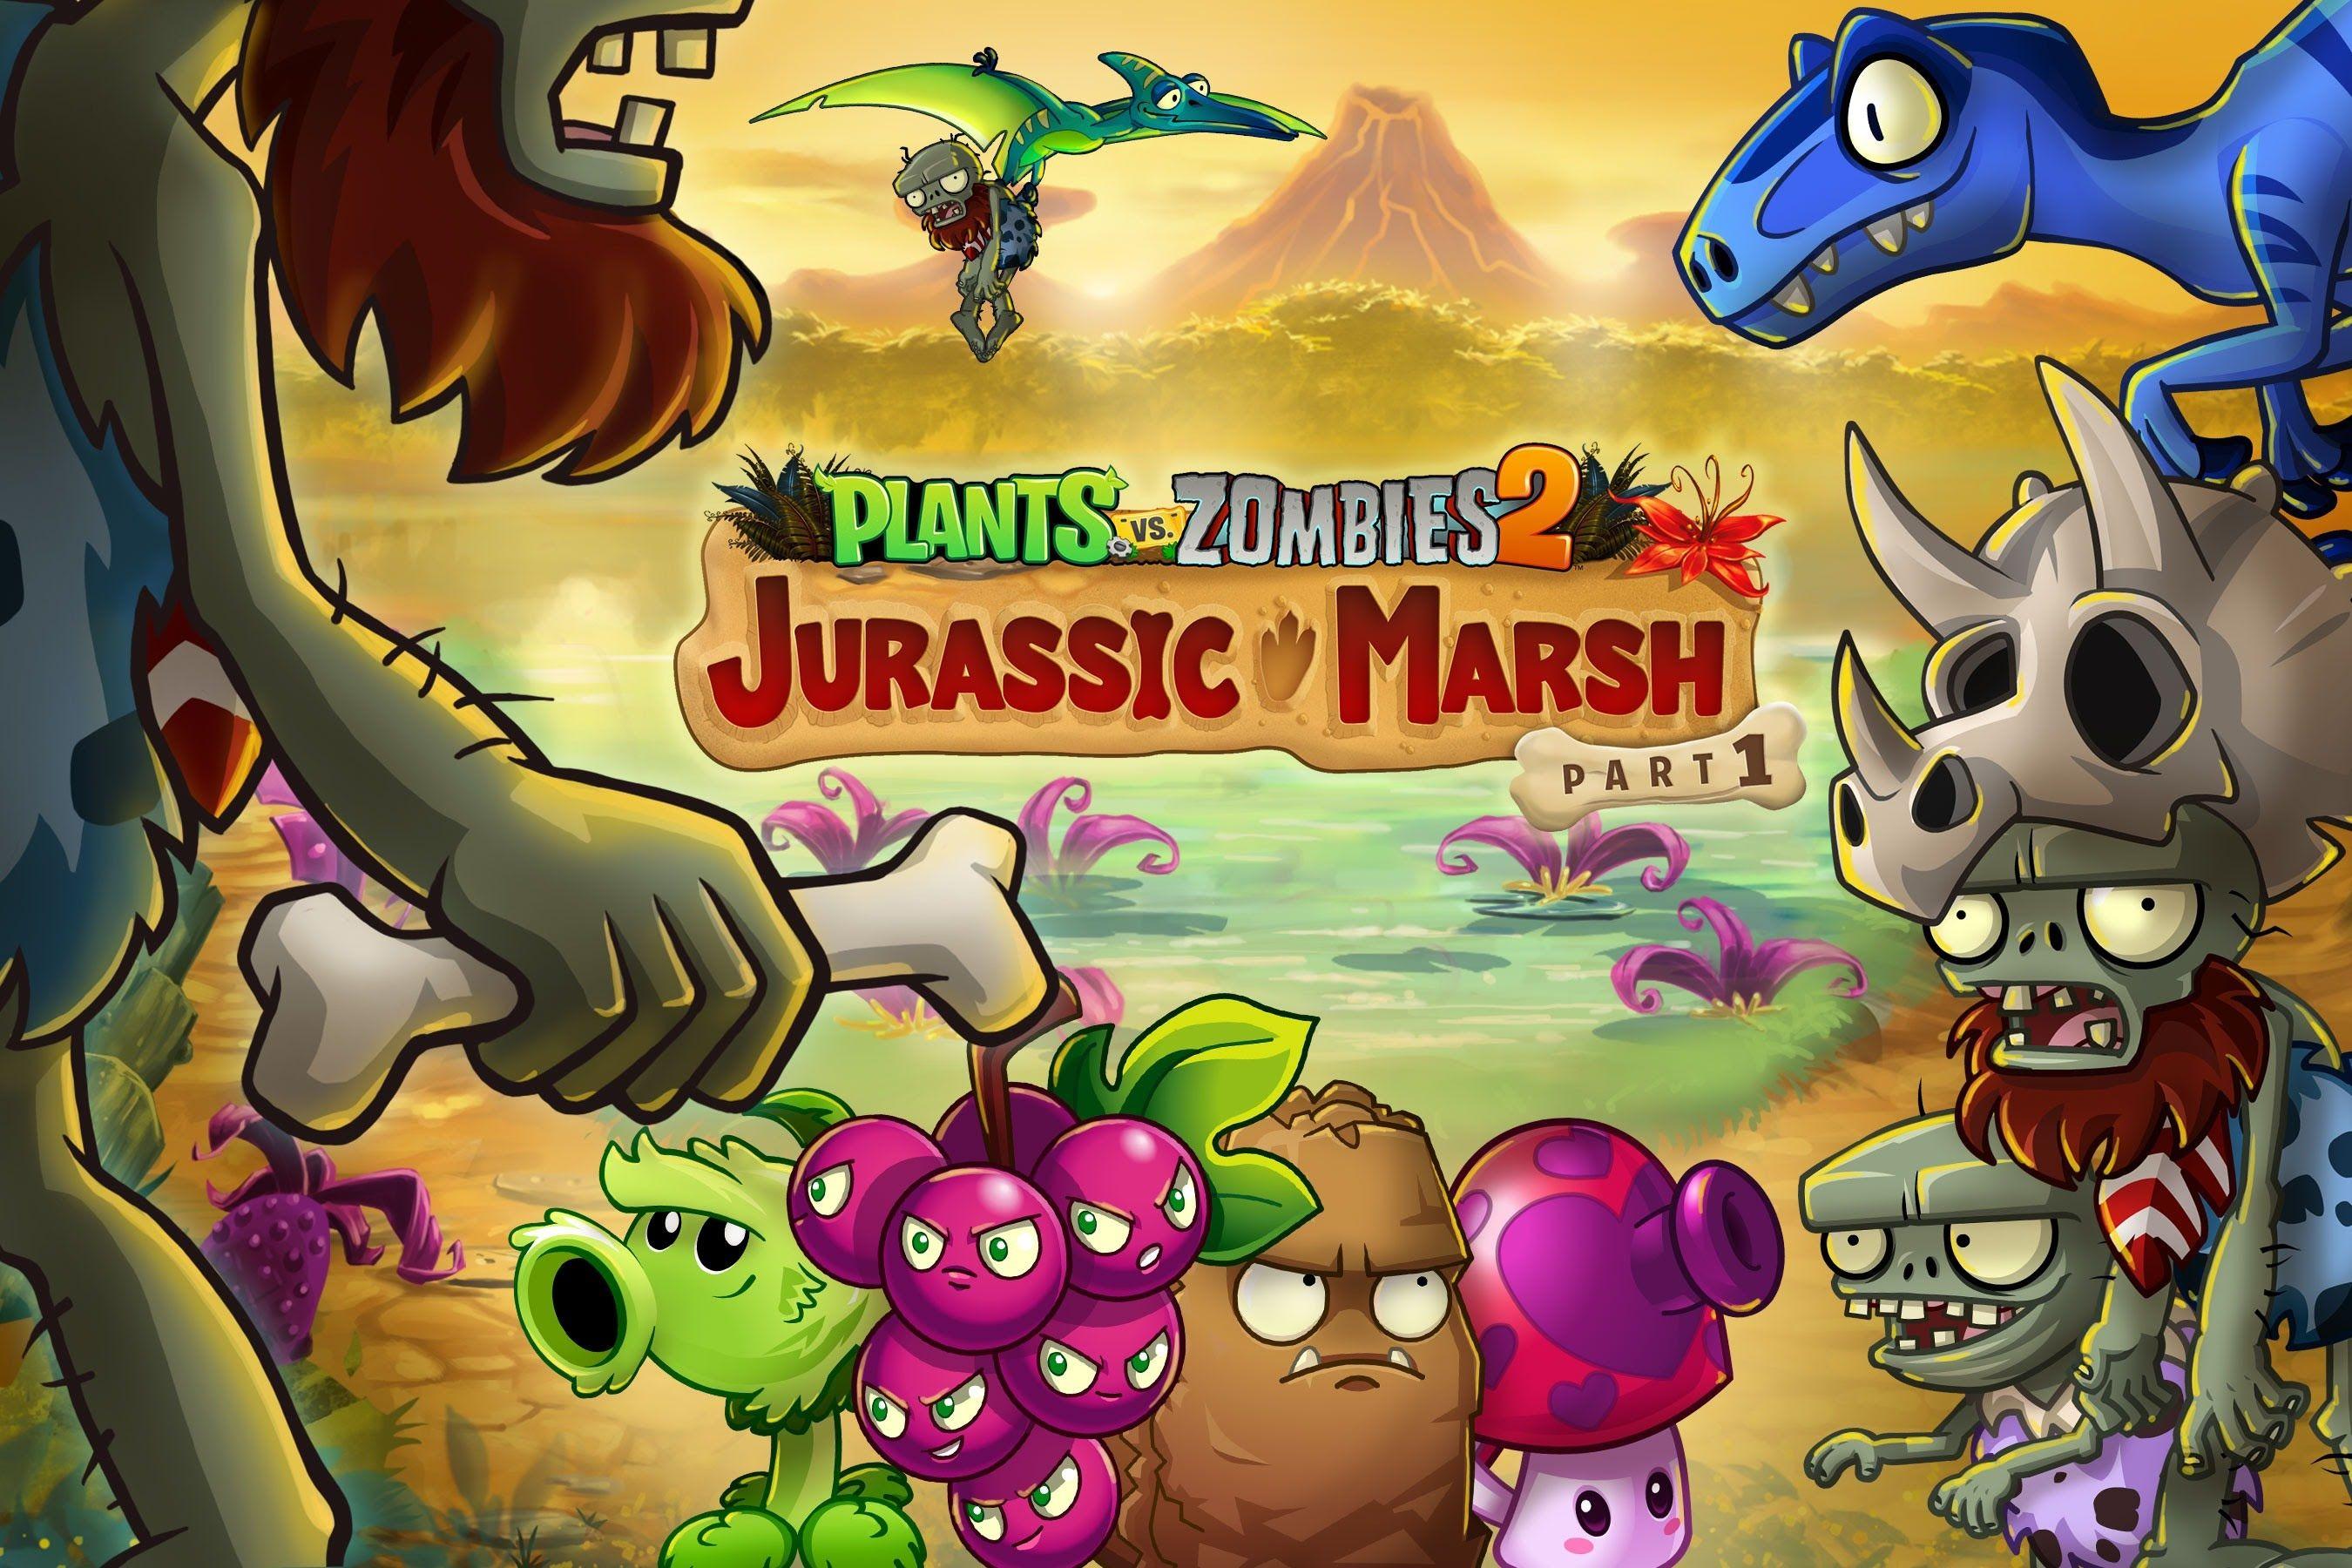 Plantes contre Zombies | Nintendo DSiWare | Jeux | Nintendo